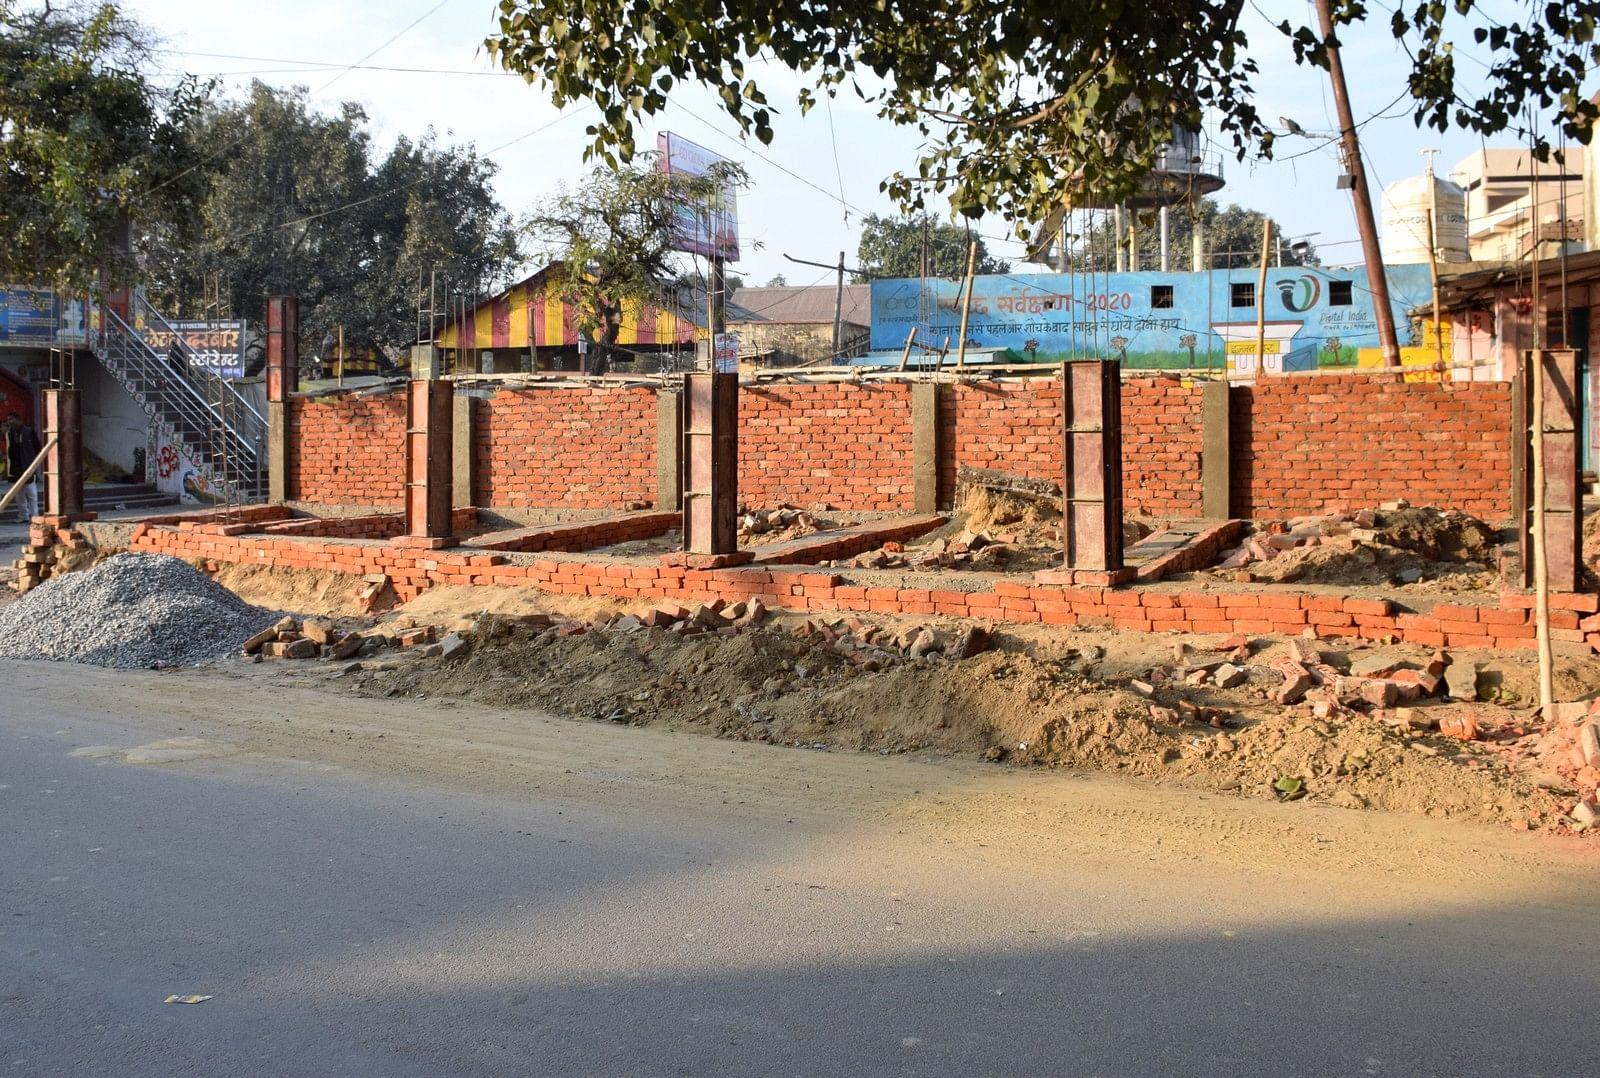 शहर के रोडवेज क्षेत्र में सड़क पर हो रहा दुकानों को निर्माण।